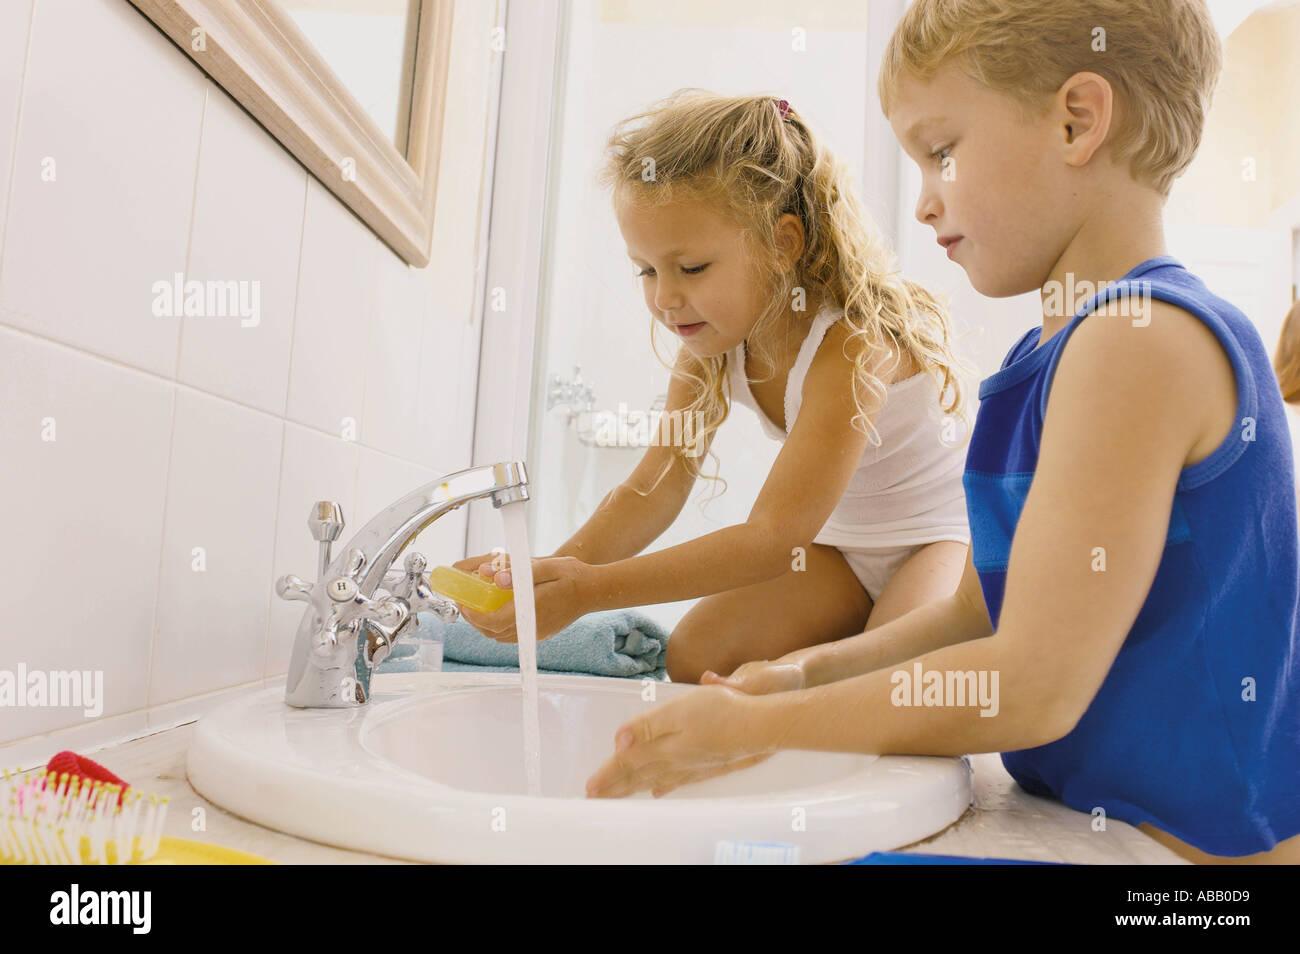 Niños lavándose las manos Foto de stock